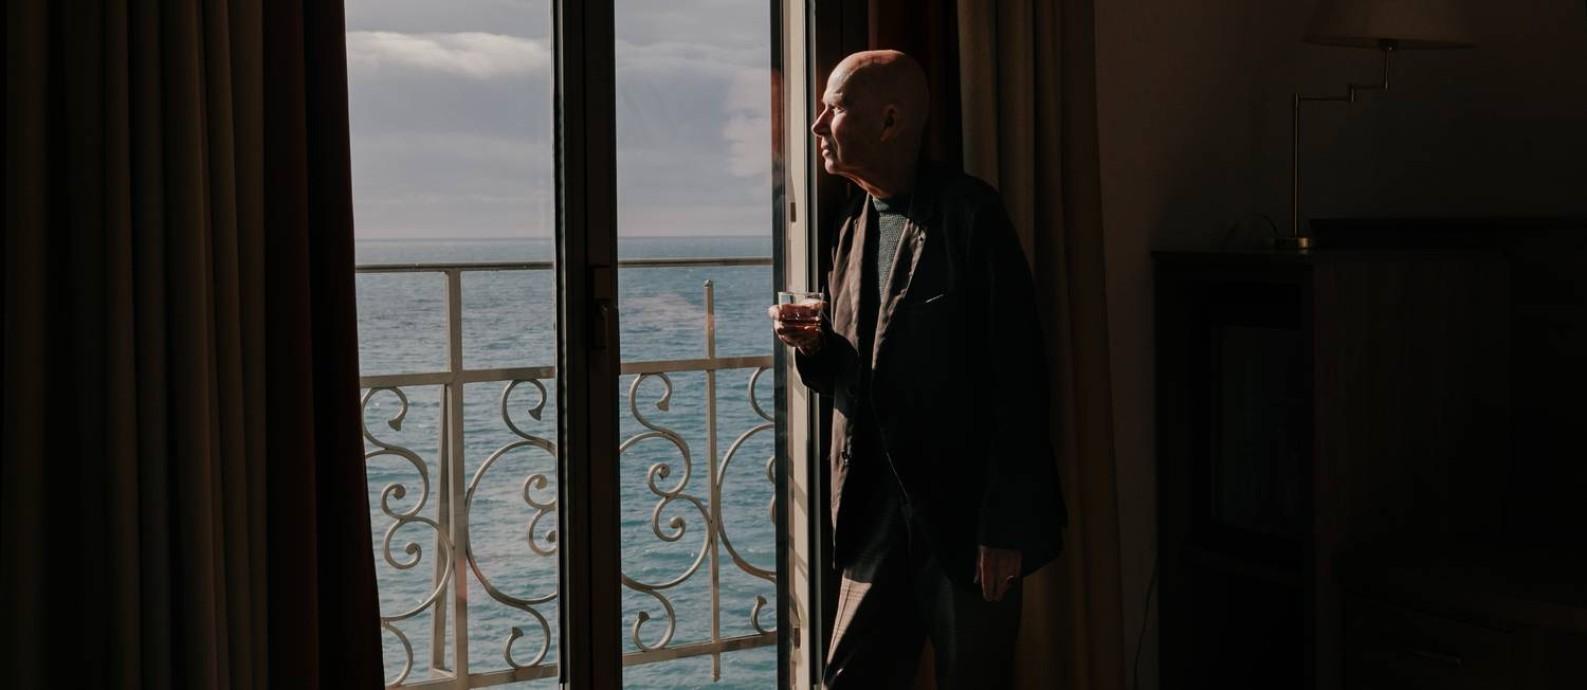 O escritor francês Gabriel Matzneff na Riviera Italiana. Por anos, ele falou abertamente sobre seus atos de pedofilia Foto: ANDREA MANTOVANI / NYT